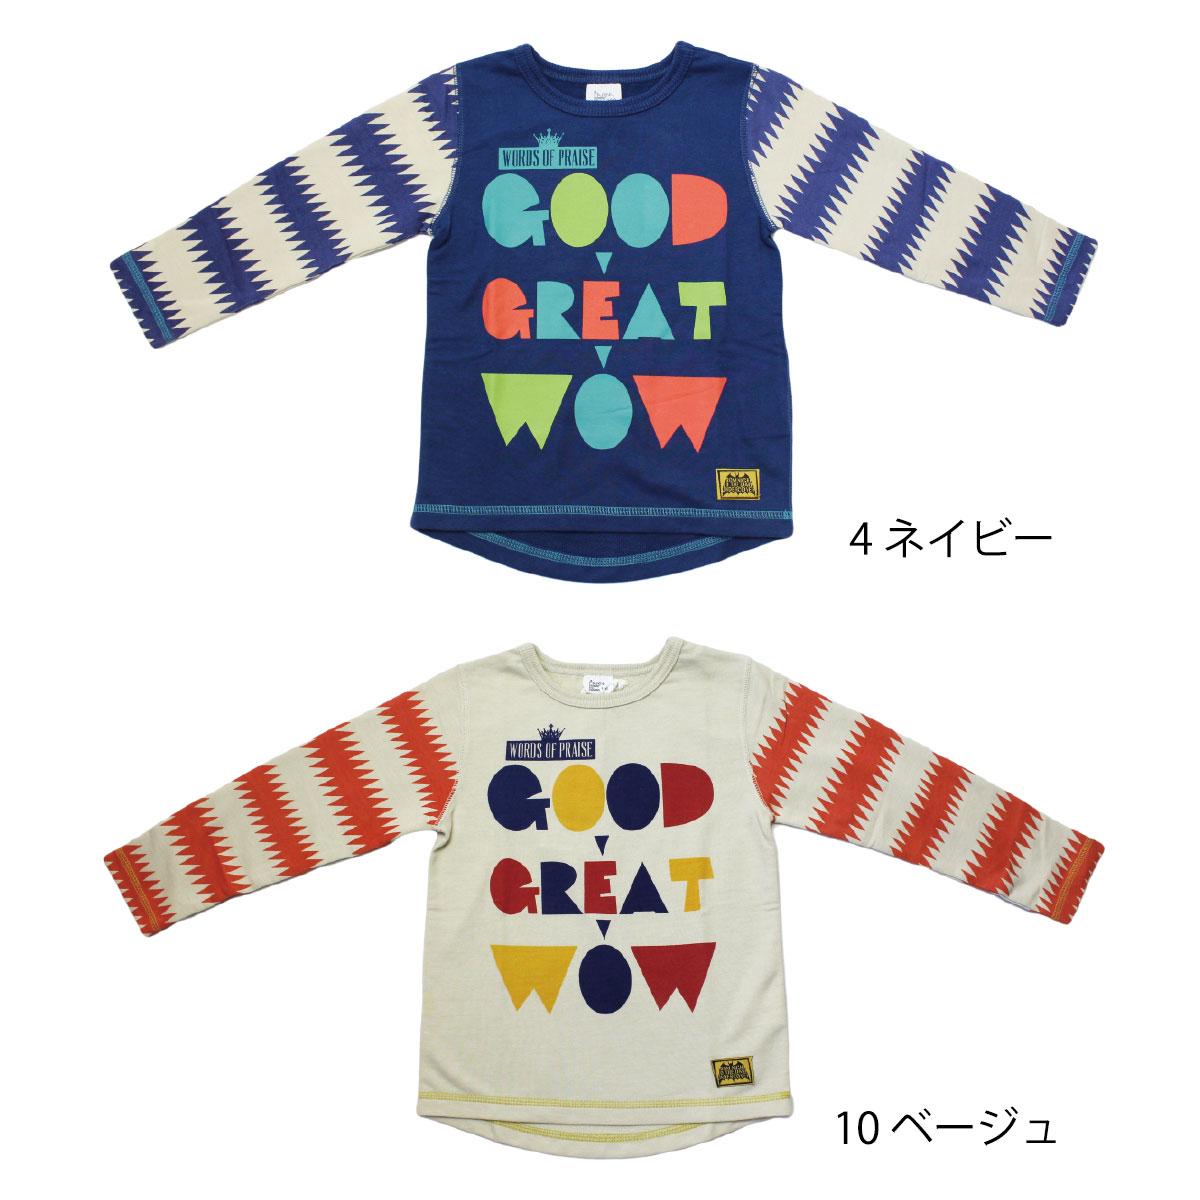 【セール】【50%off】【ネコポス対応】【SiShuNon/FARM】WOWTシャツ ファーム 男の子 長袖 Tシャツ ボーダー ロゴ キッズ